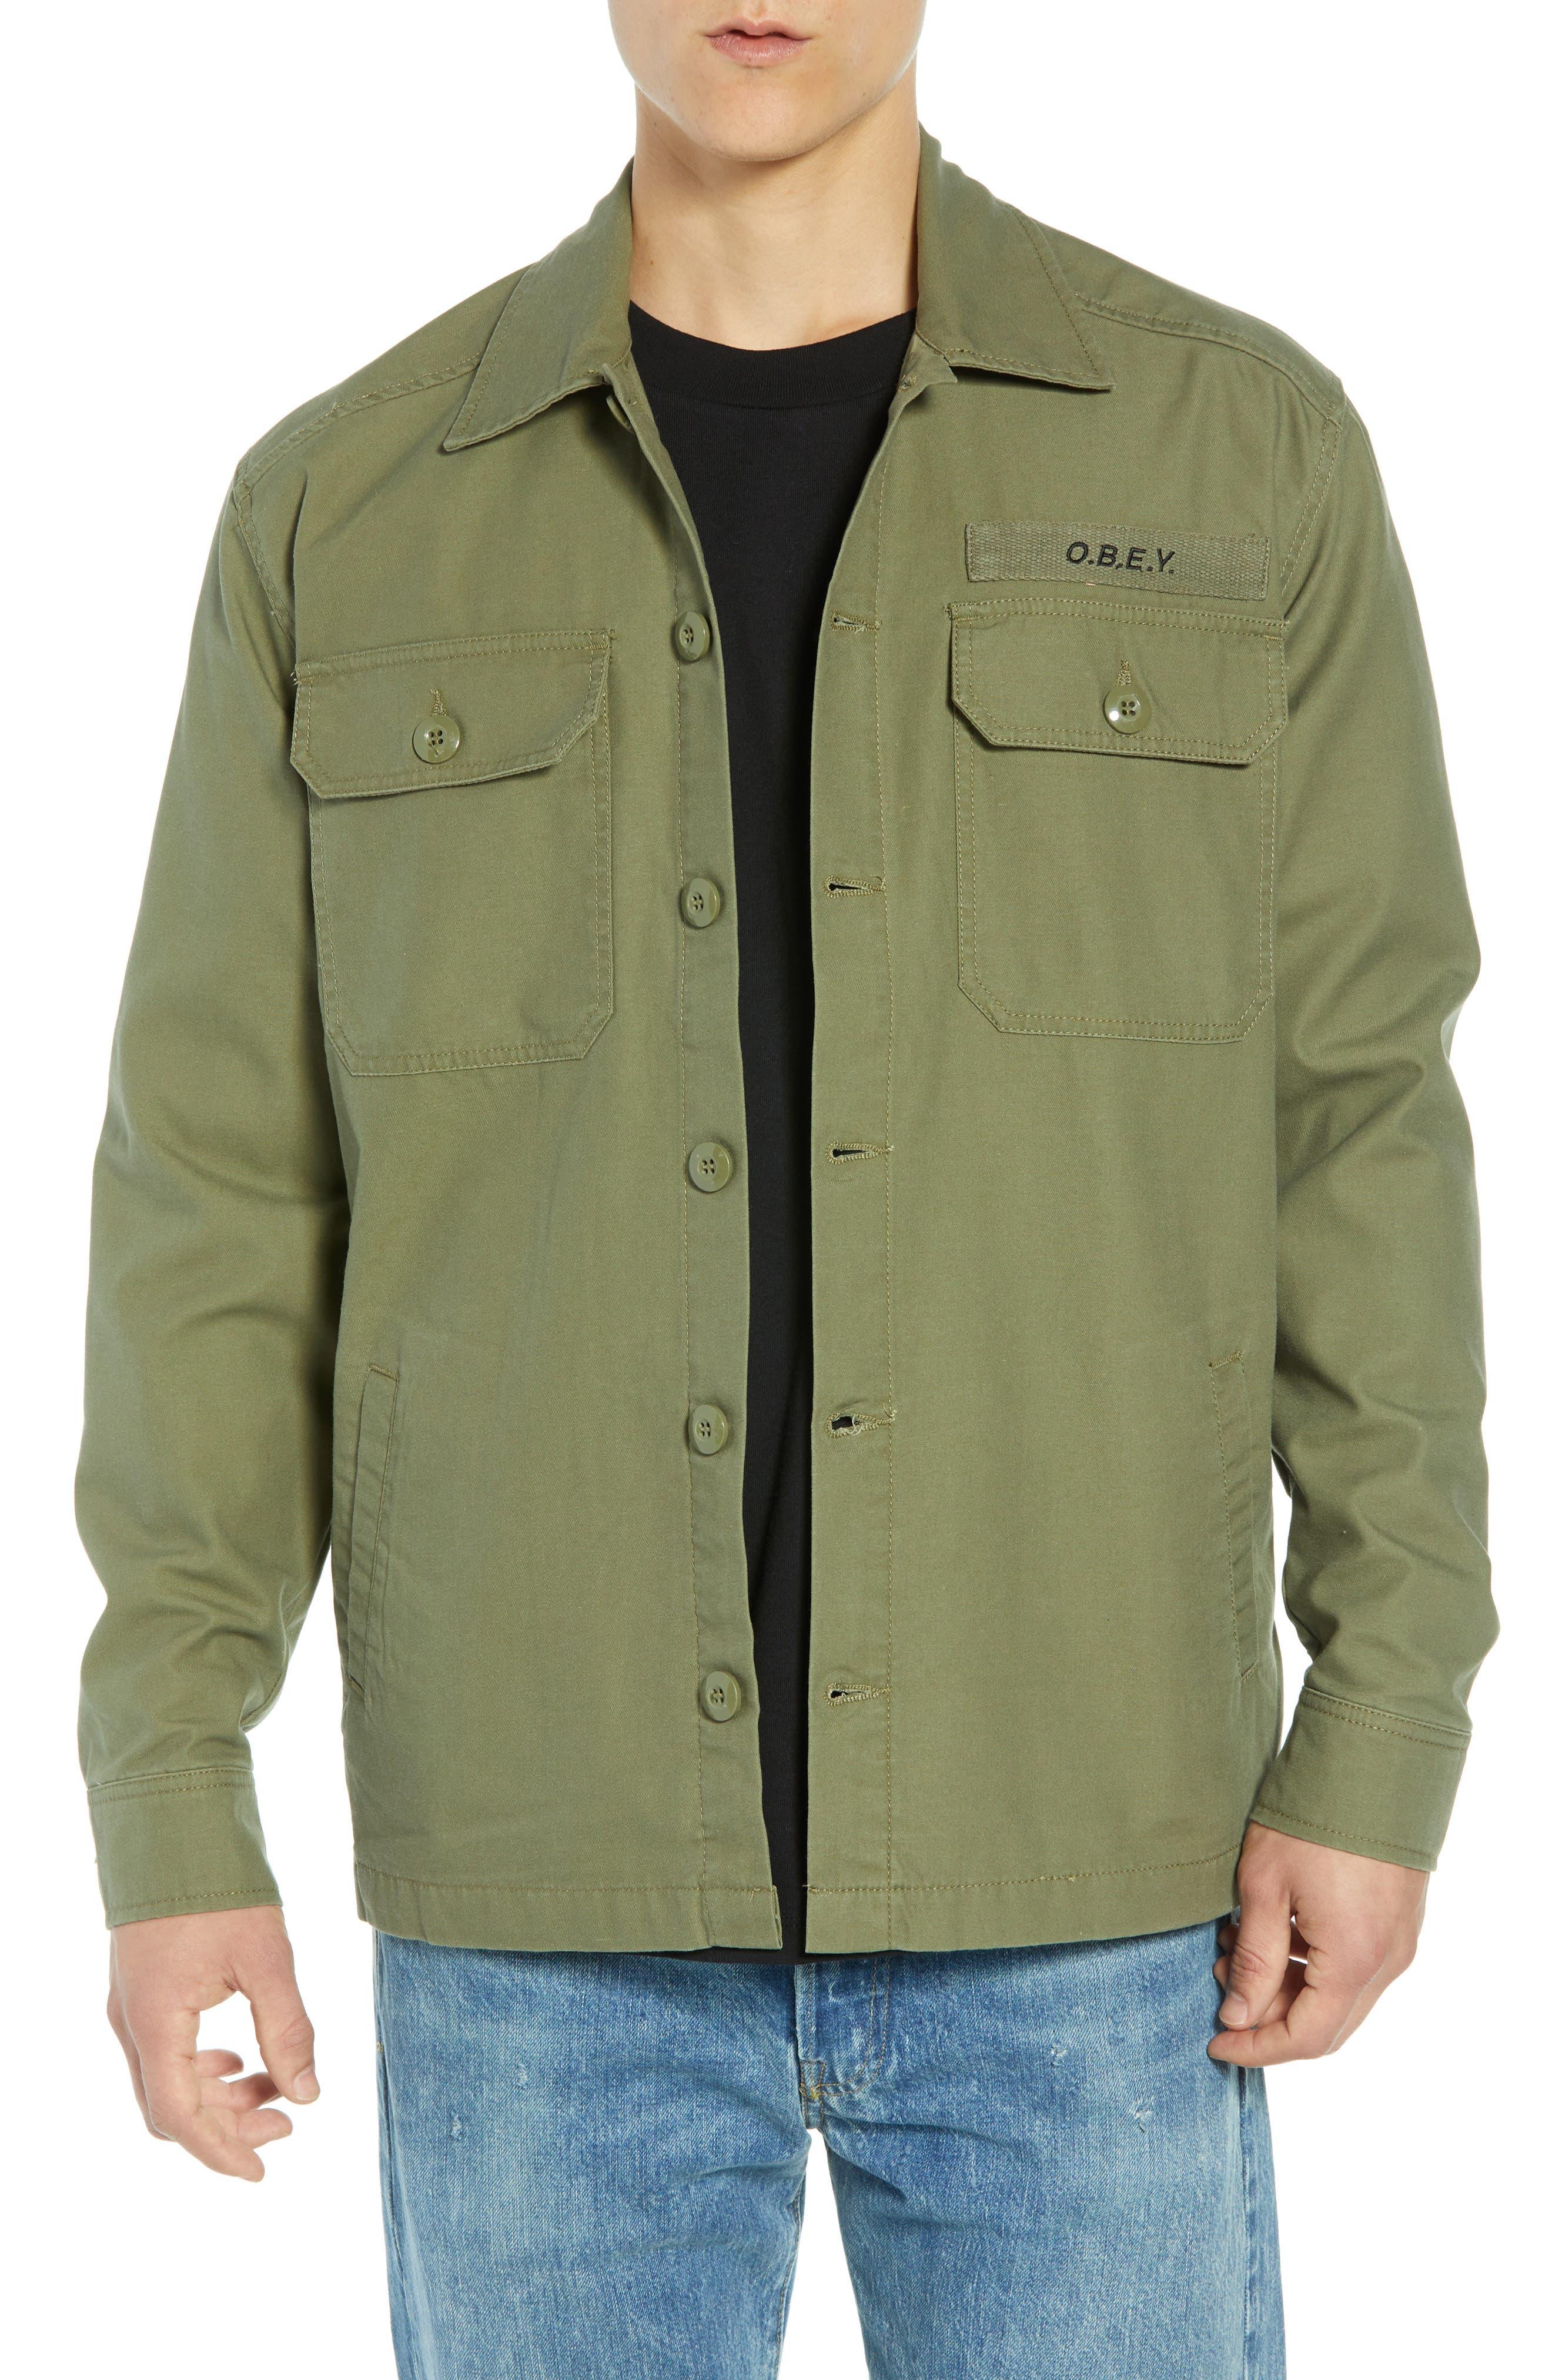 Men's Vintage Workwear – 1920s, 1930s, 1940s, 1950s Mens Obey Station Shirt Jacket Size XX-Large - Green $80.00 AT vintagedancer.com